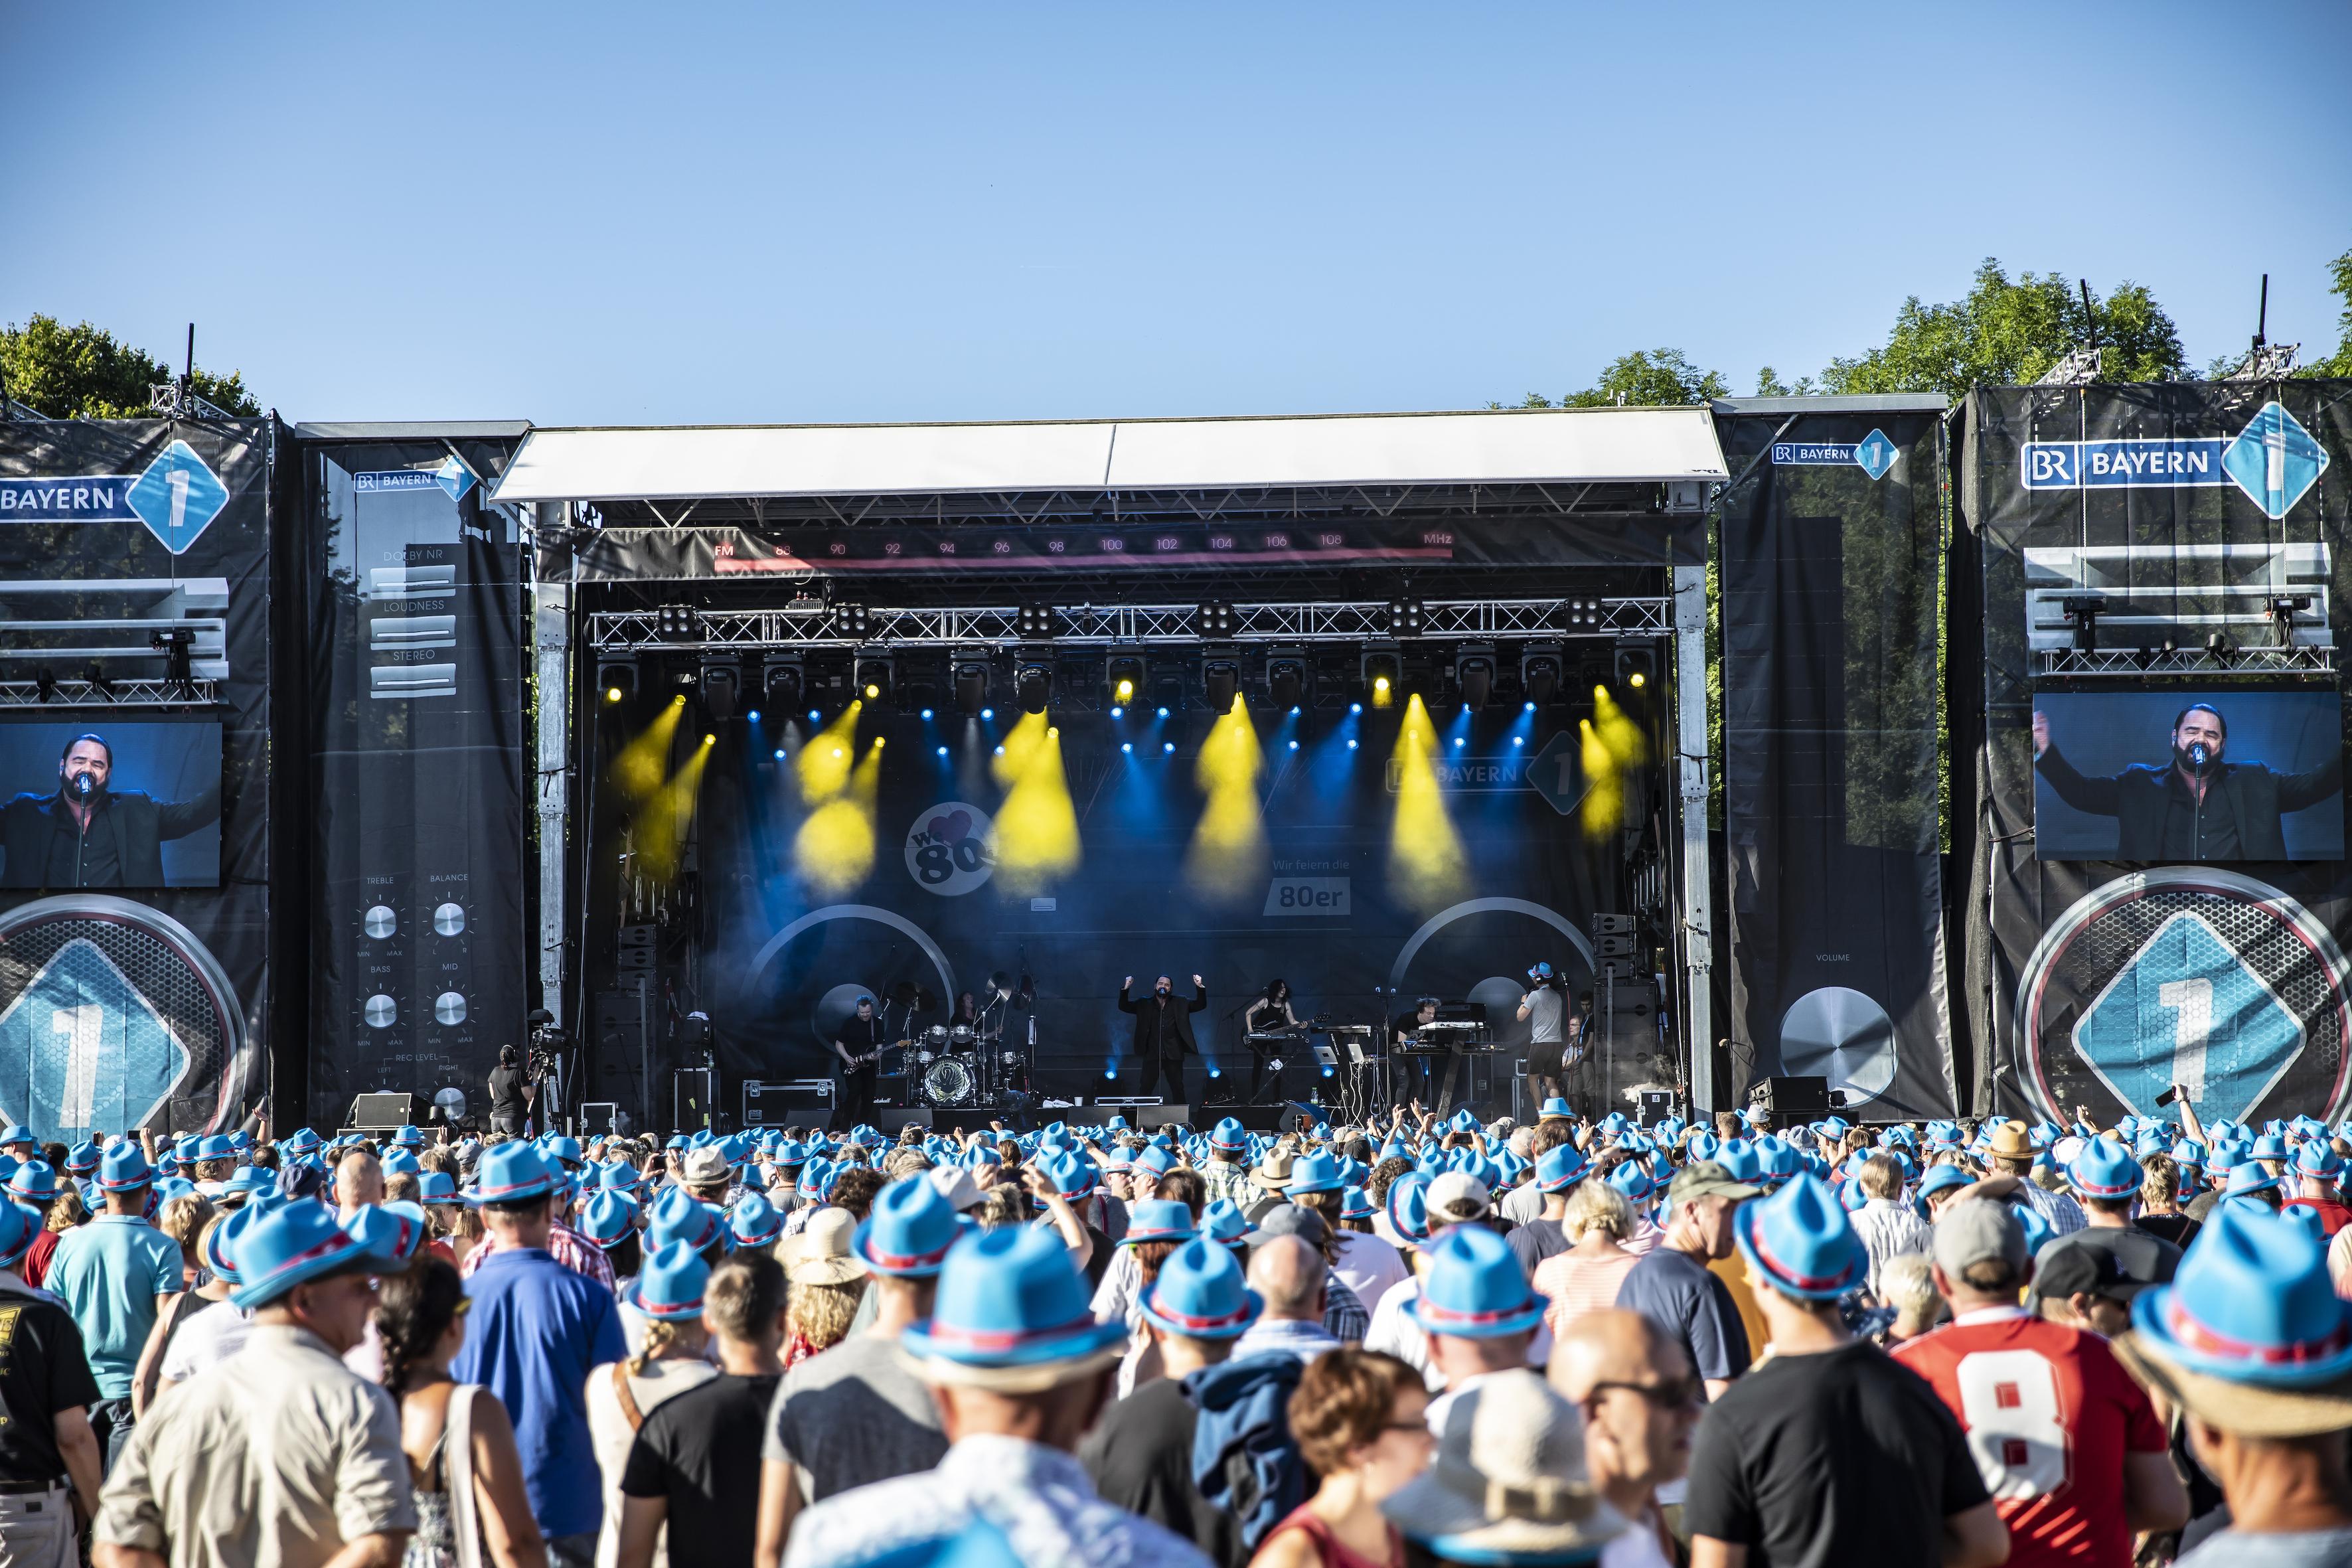 20.000 Besucher beim Bayern 1 Sommerfestival (Foto: Bayerischer Rundfunk)